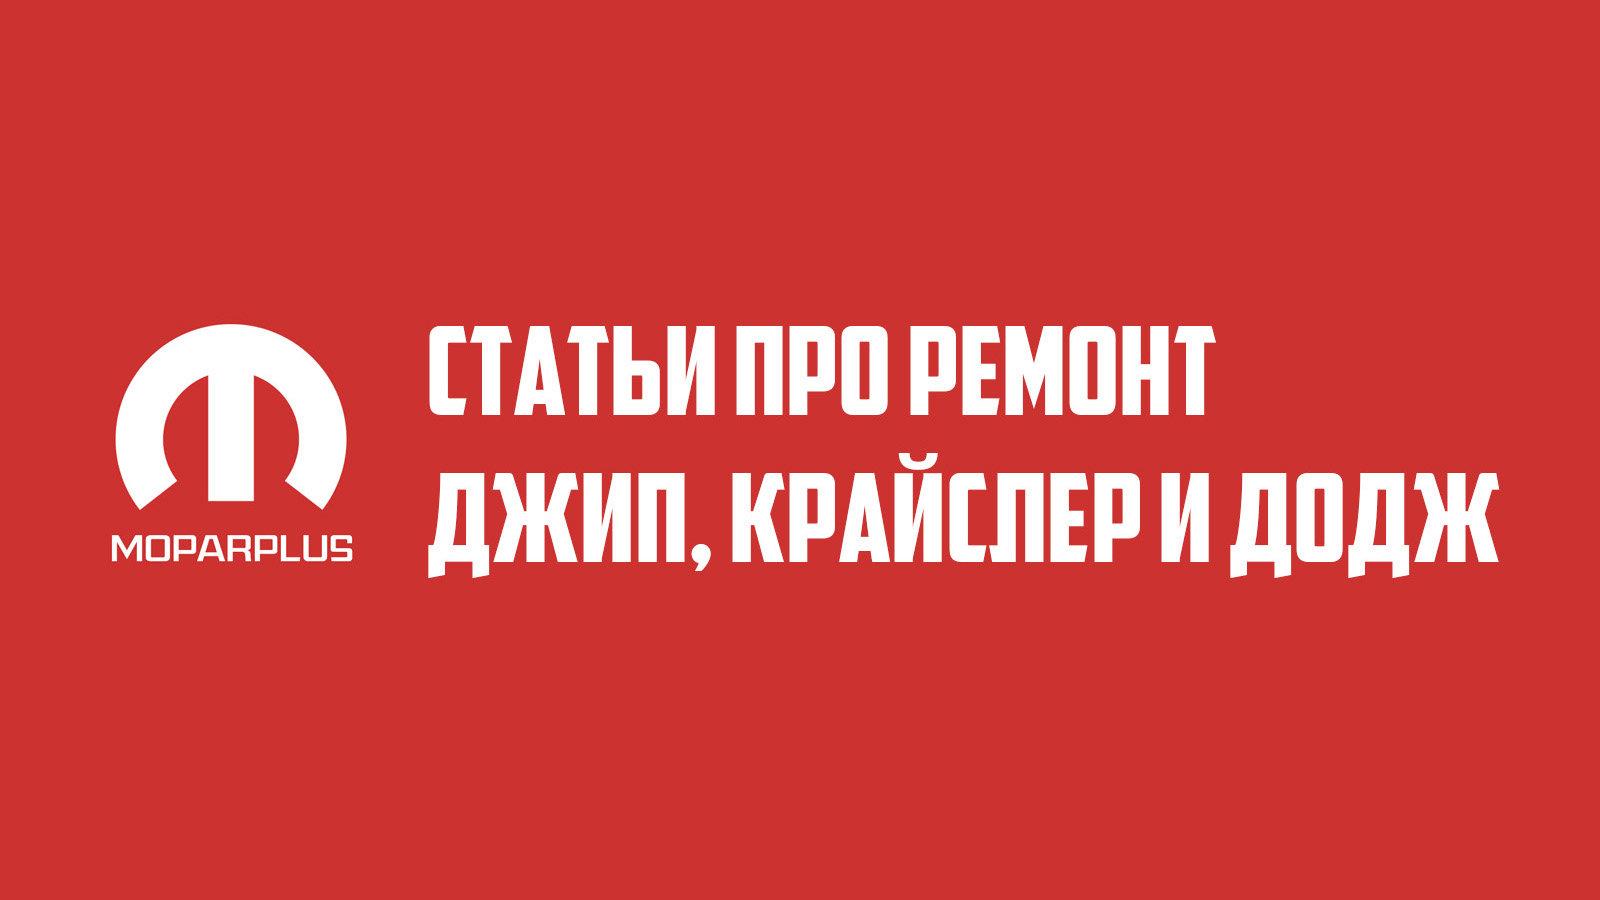 Статьи про ремонт. Выпуск №29.